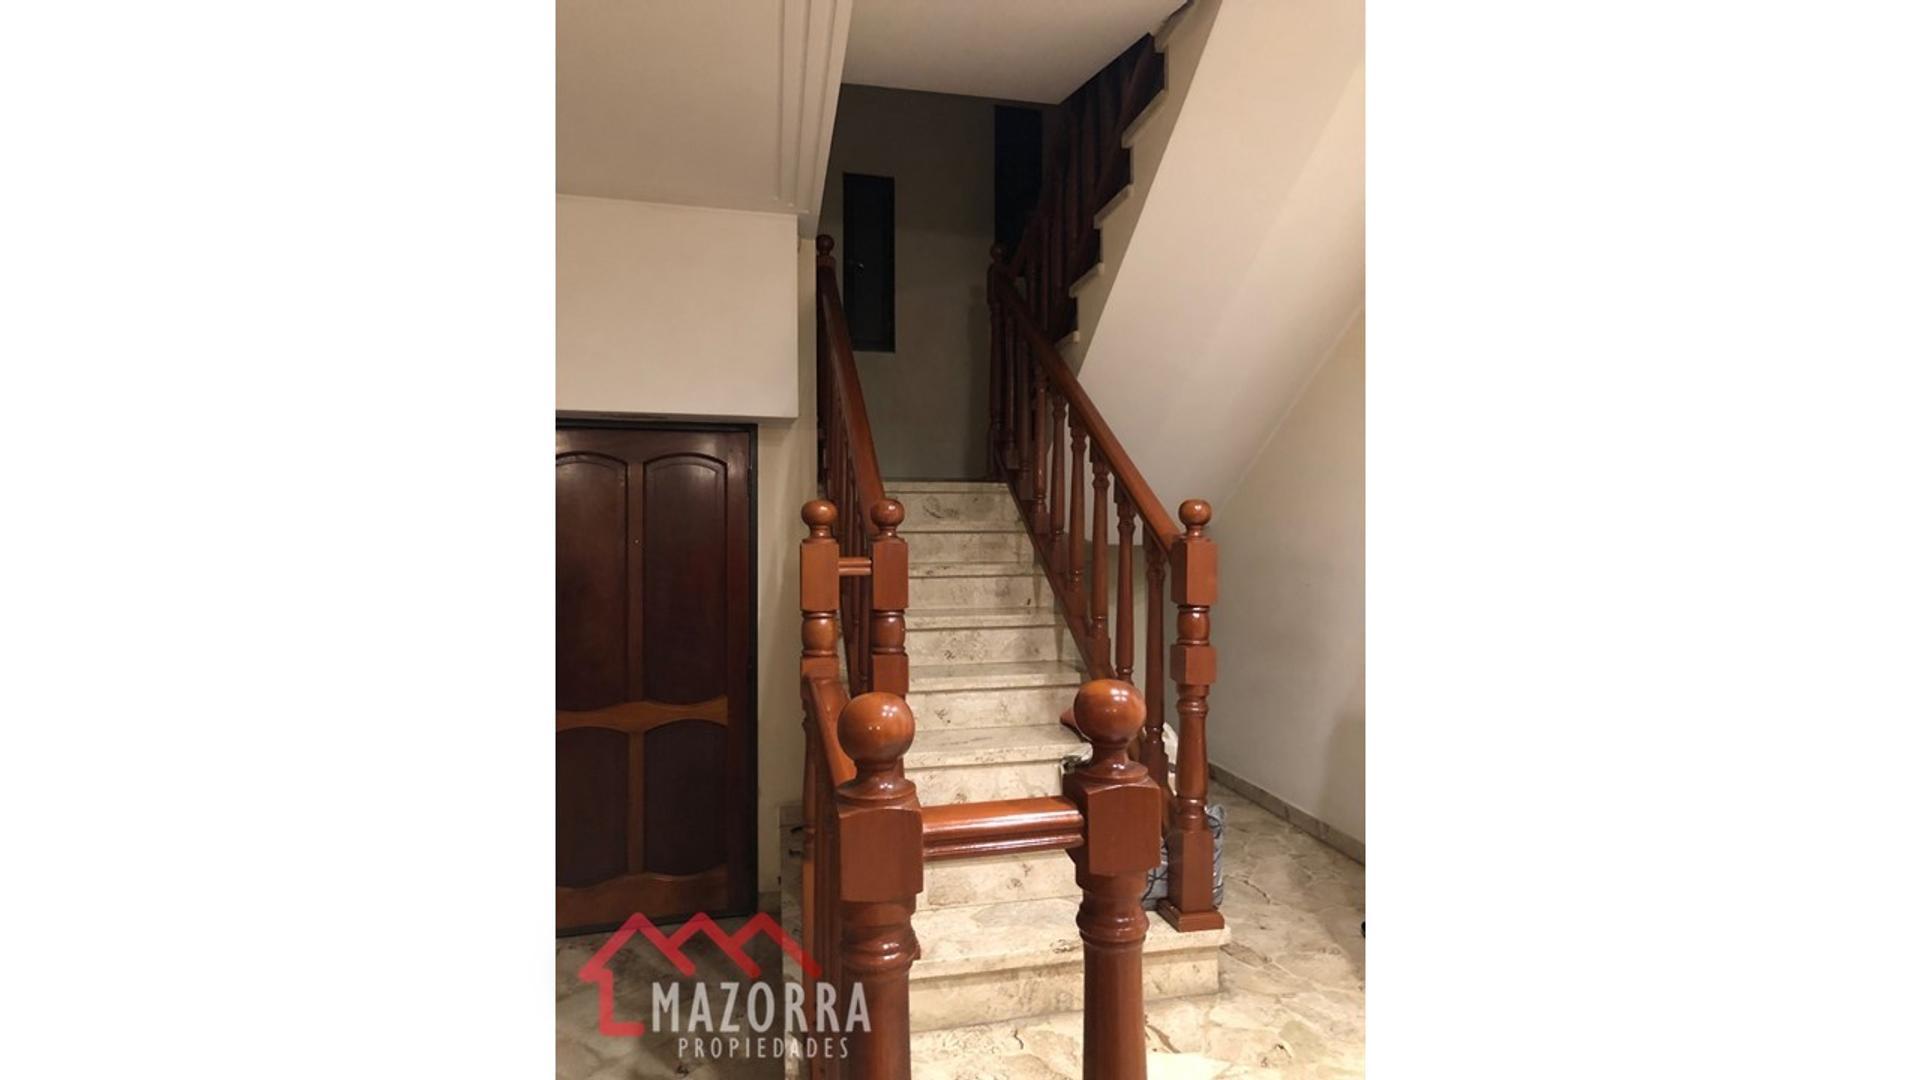 Casa - 110 m²   3 dormitorios   2 baños